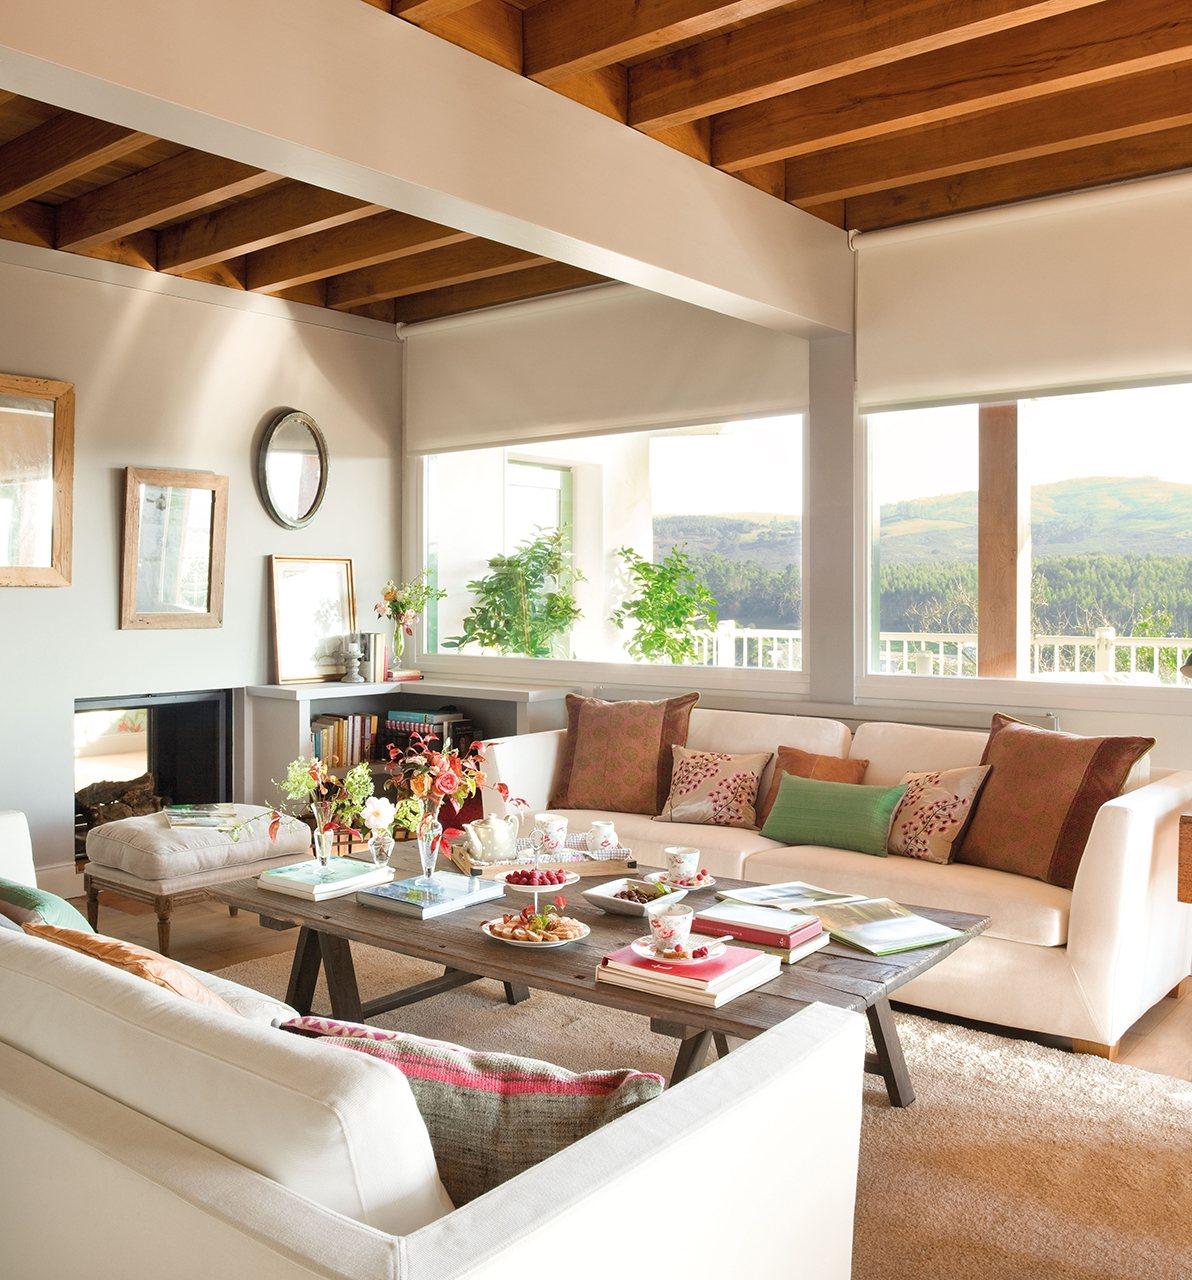 C mo elegir telas para las cortinas del sal n - Lamparas para techos con vigas de madera ...